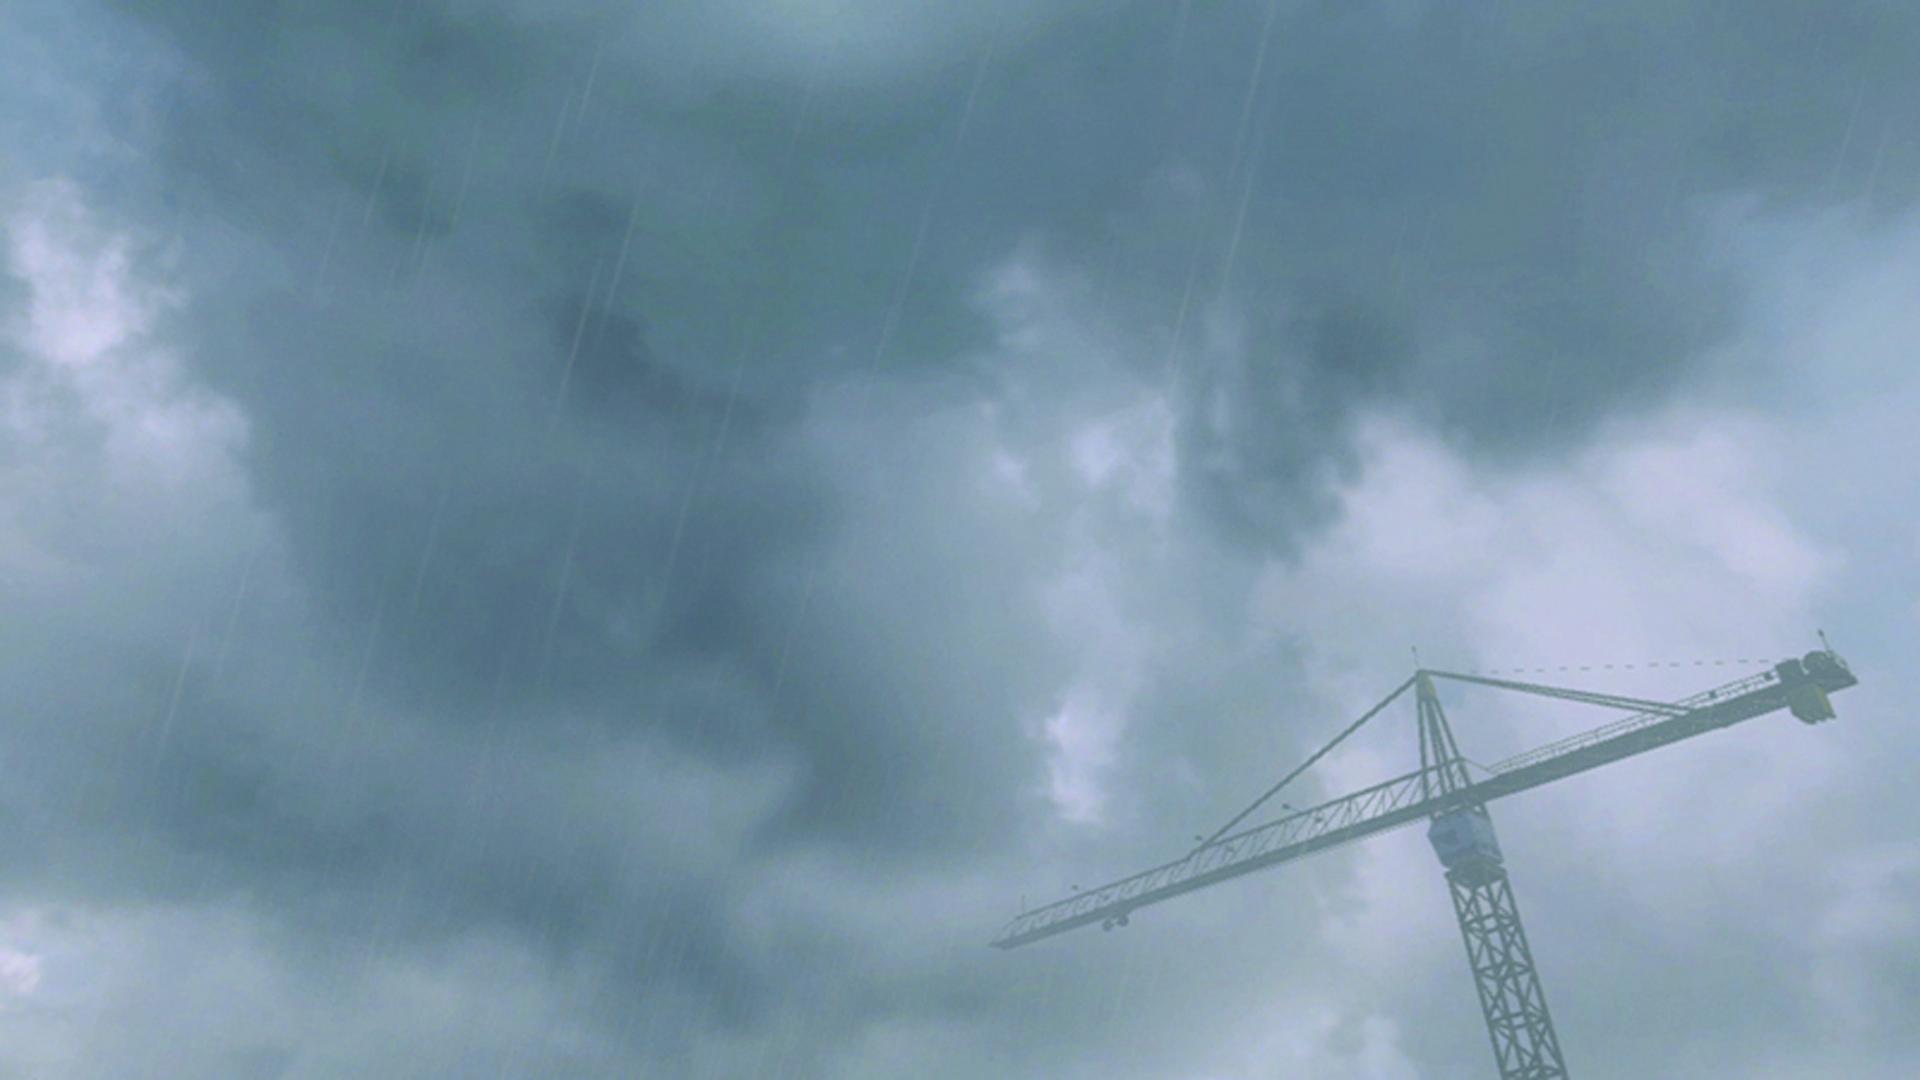 ©2014, Yuk-Yiu Ip, Clouds Fall